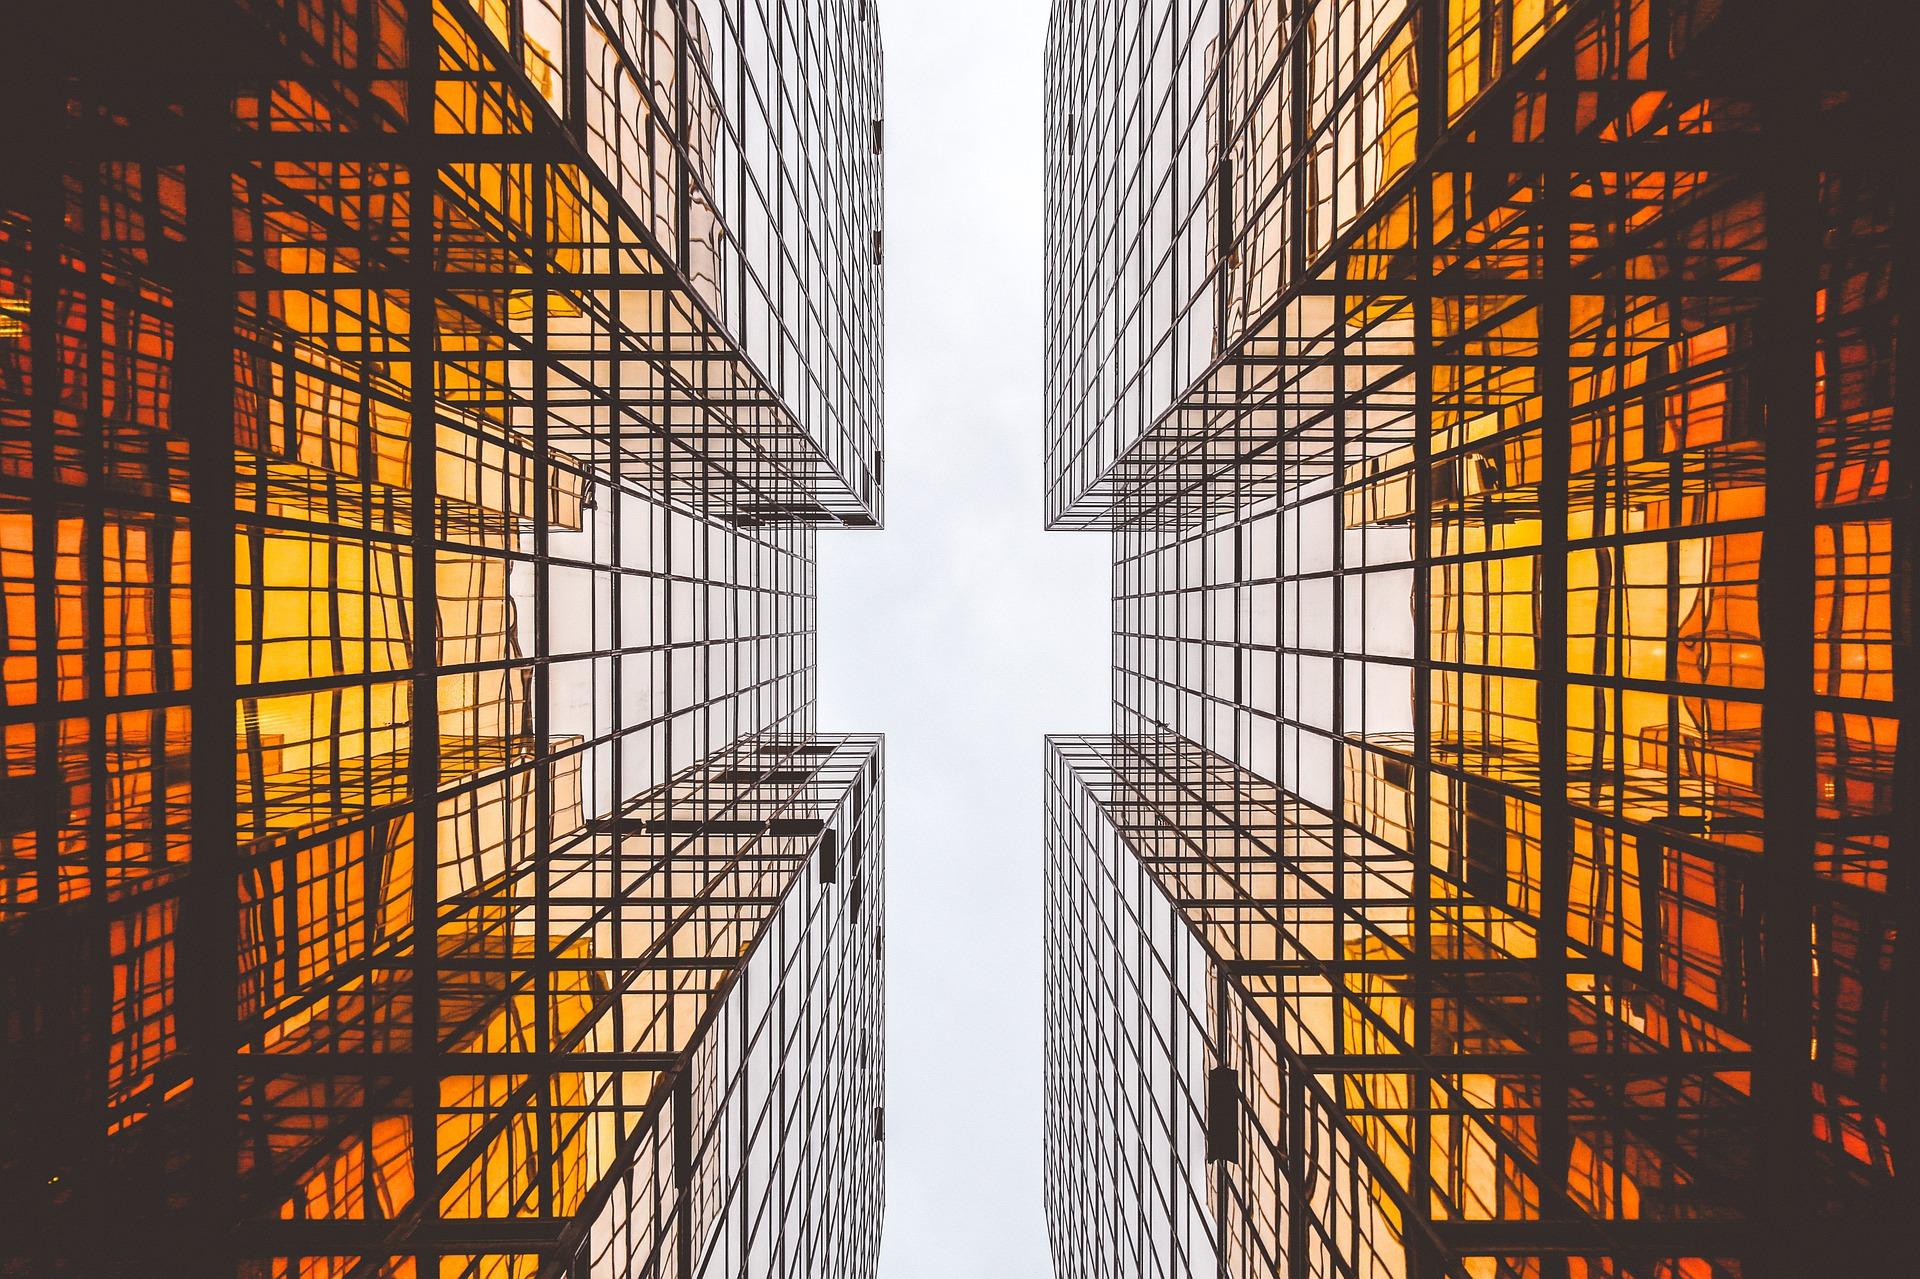 Auf dem Weg zur digitalen Stadt